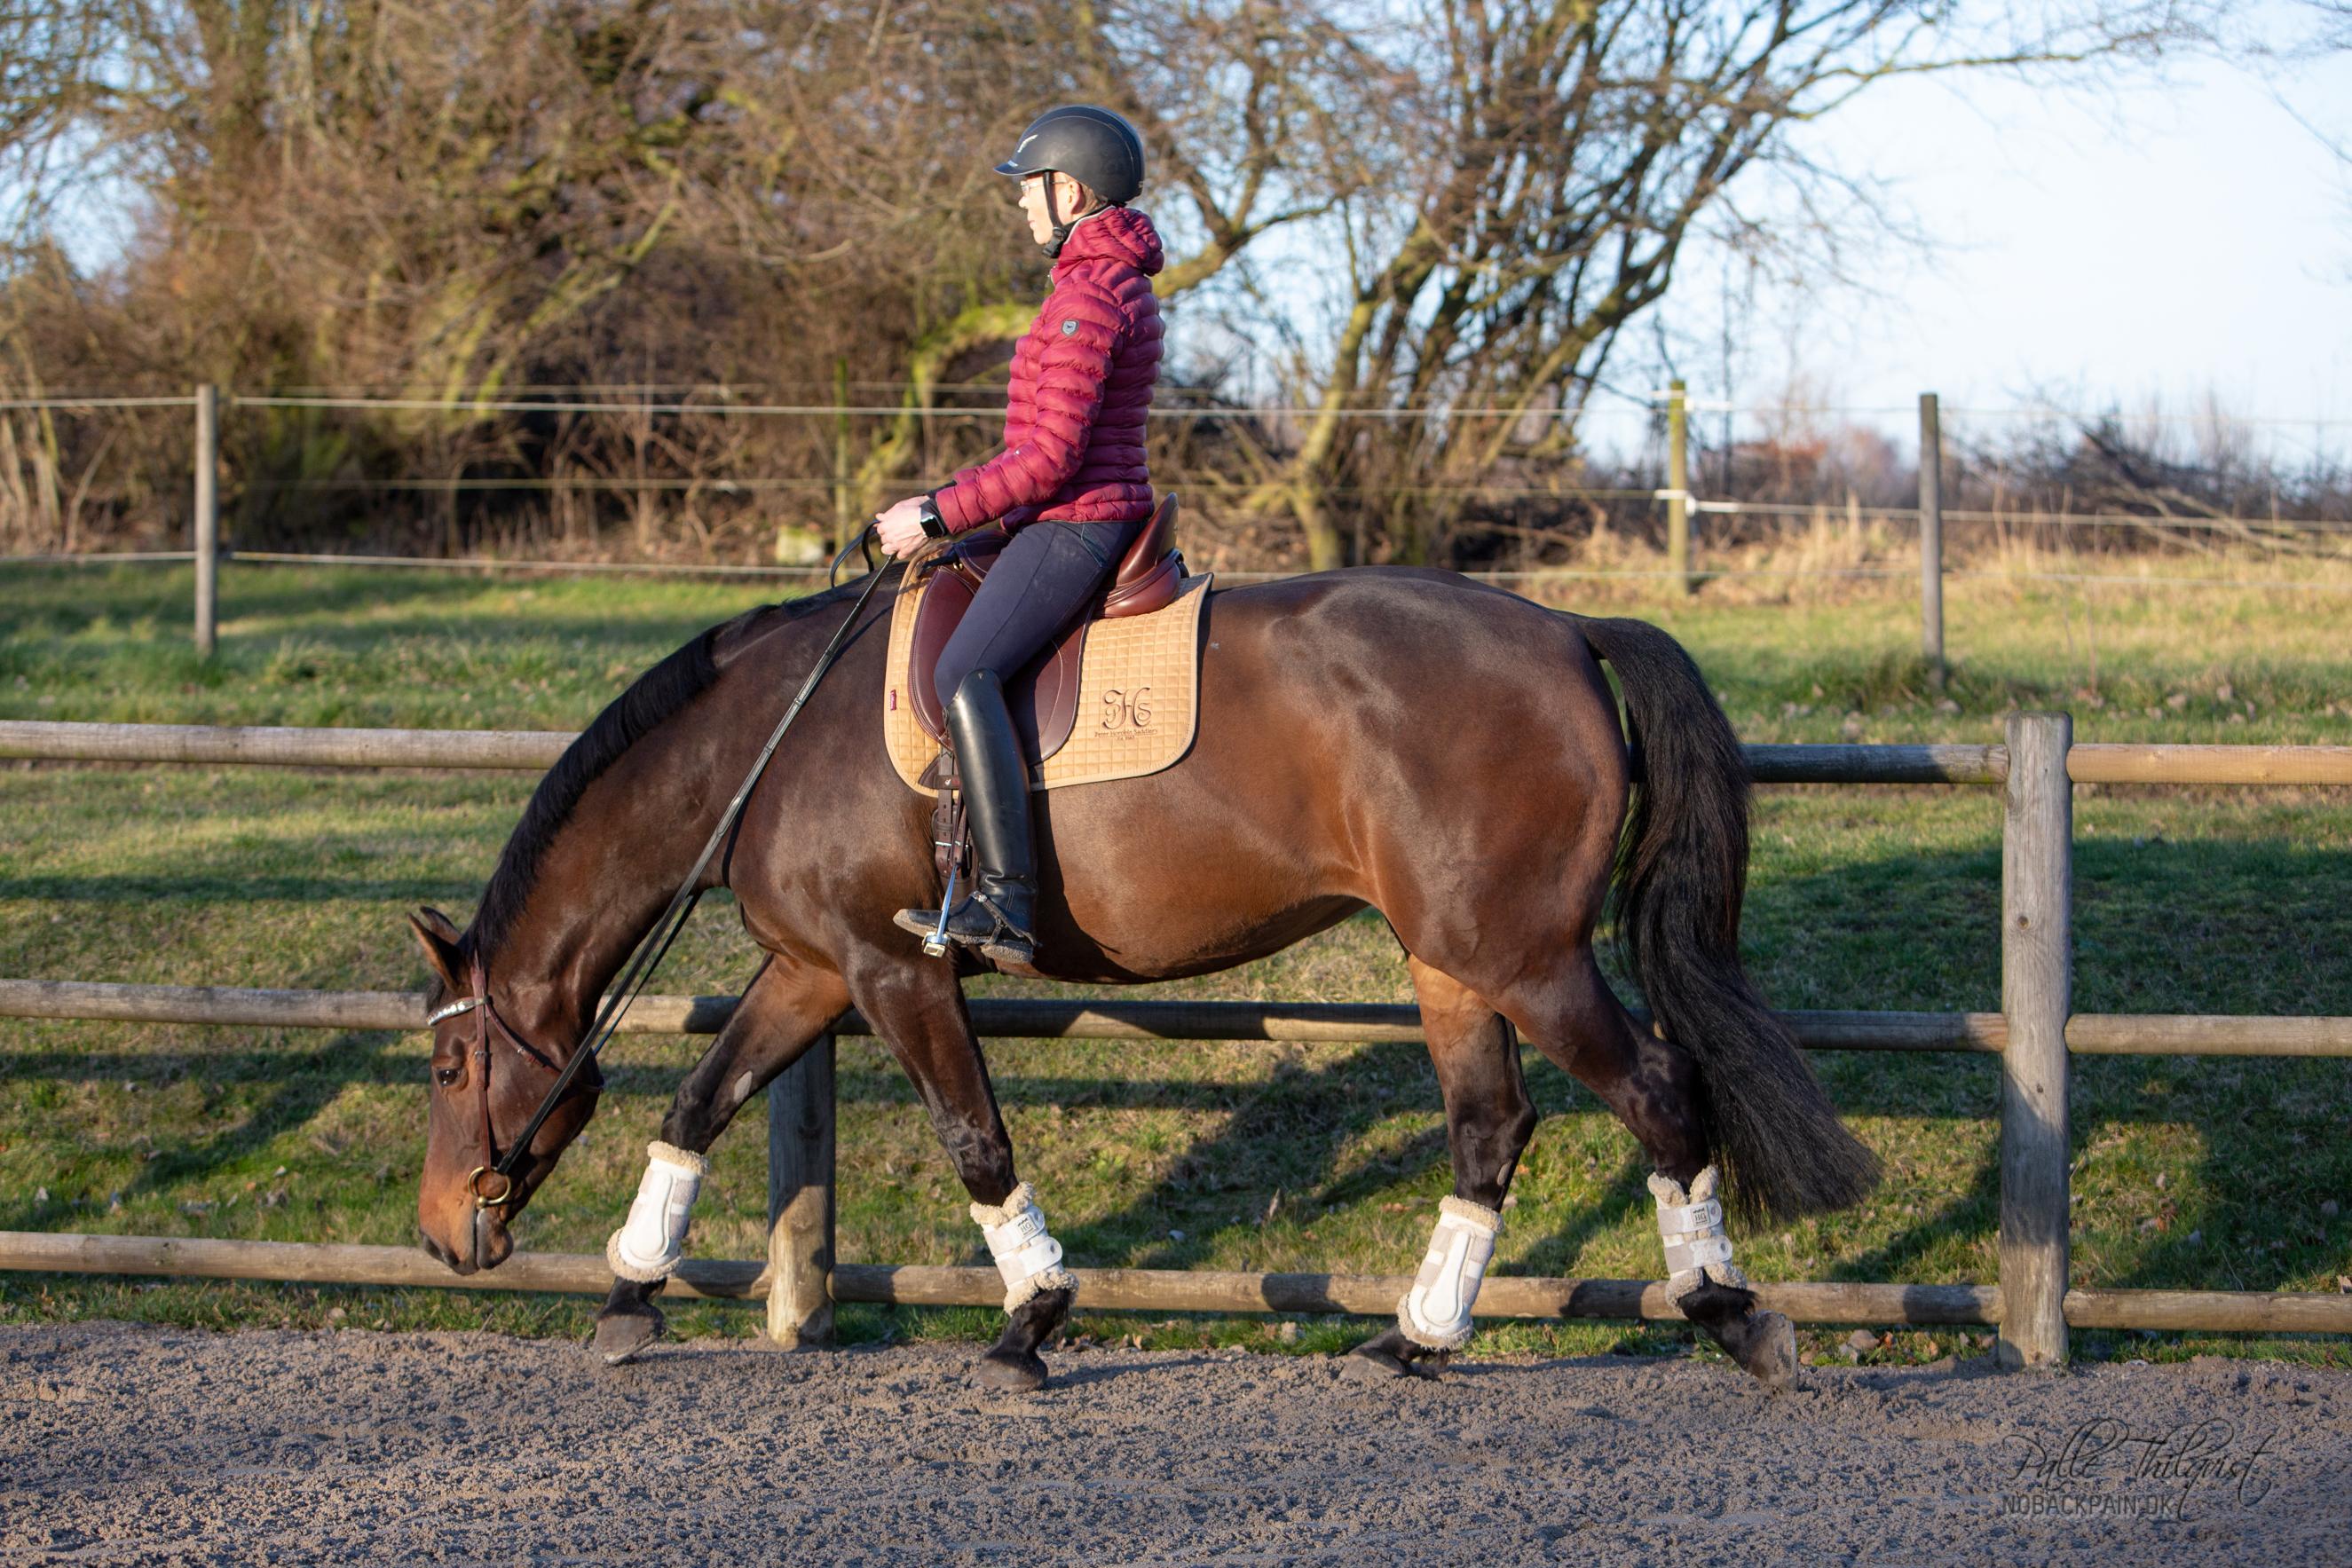 Man kan næsten på dette billede fornemme at tøjlerne er nødt til at være længere end normalt, når hesten strækker sig så dybt.